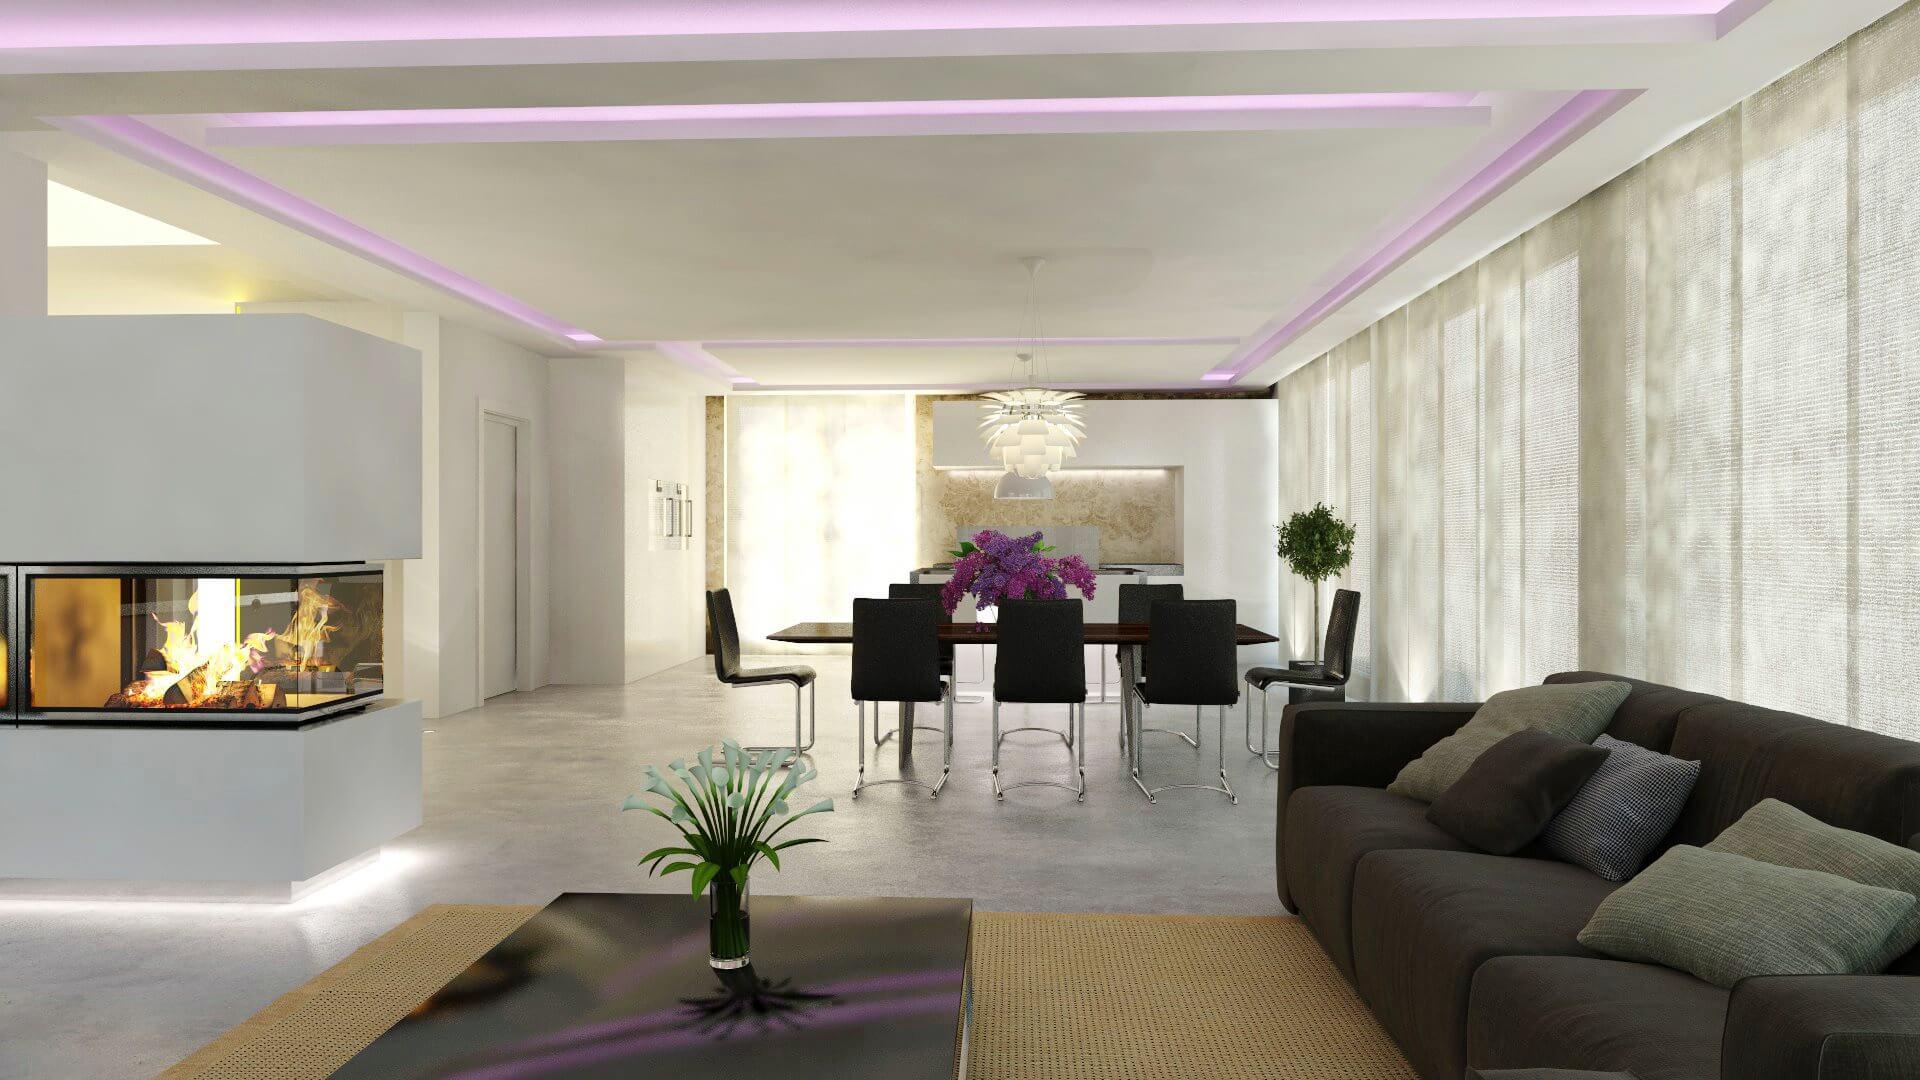 lichtdesigner torsten m ller bringt magie in ihren raum f r alle sinne. Black Bedroom Furniture Sets. Home Design Ideas